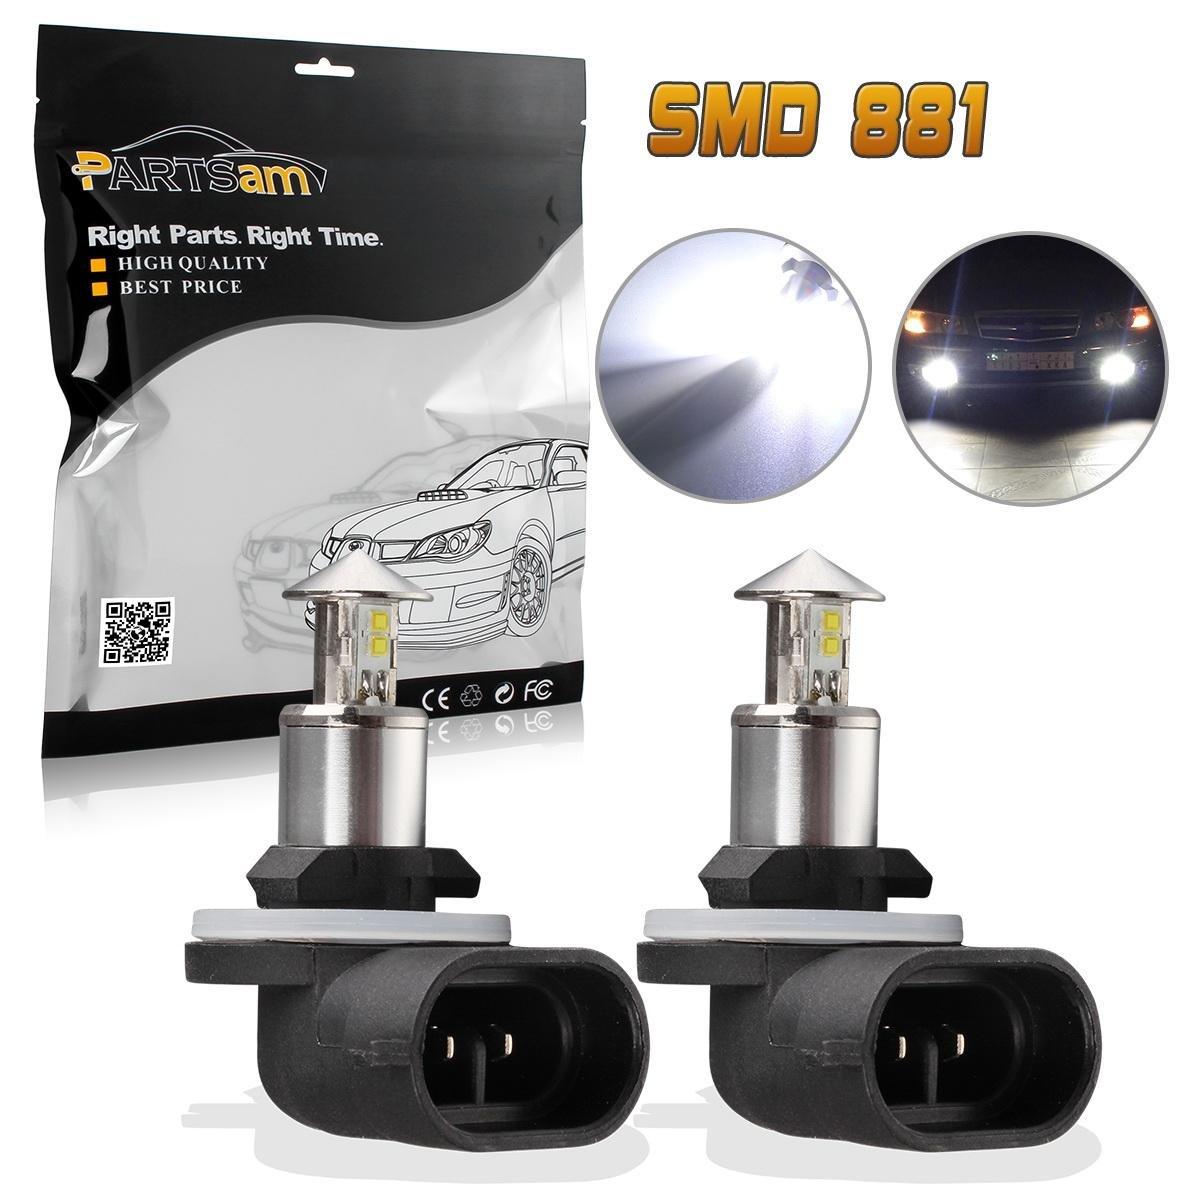 Pack of 2 Partsam 6000K White High Power 881 LED Fog Driving Light Bulbs 1800LM 6000K Xenon White Fog Lights Lamps Replacement 862 886 894 896 898